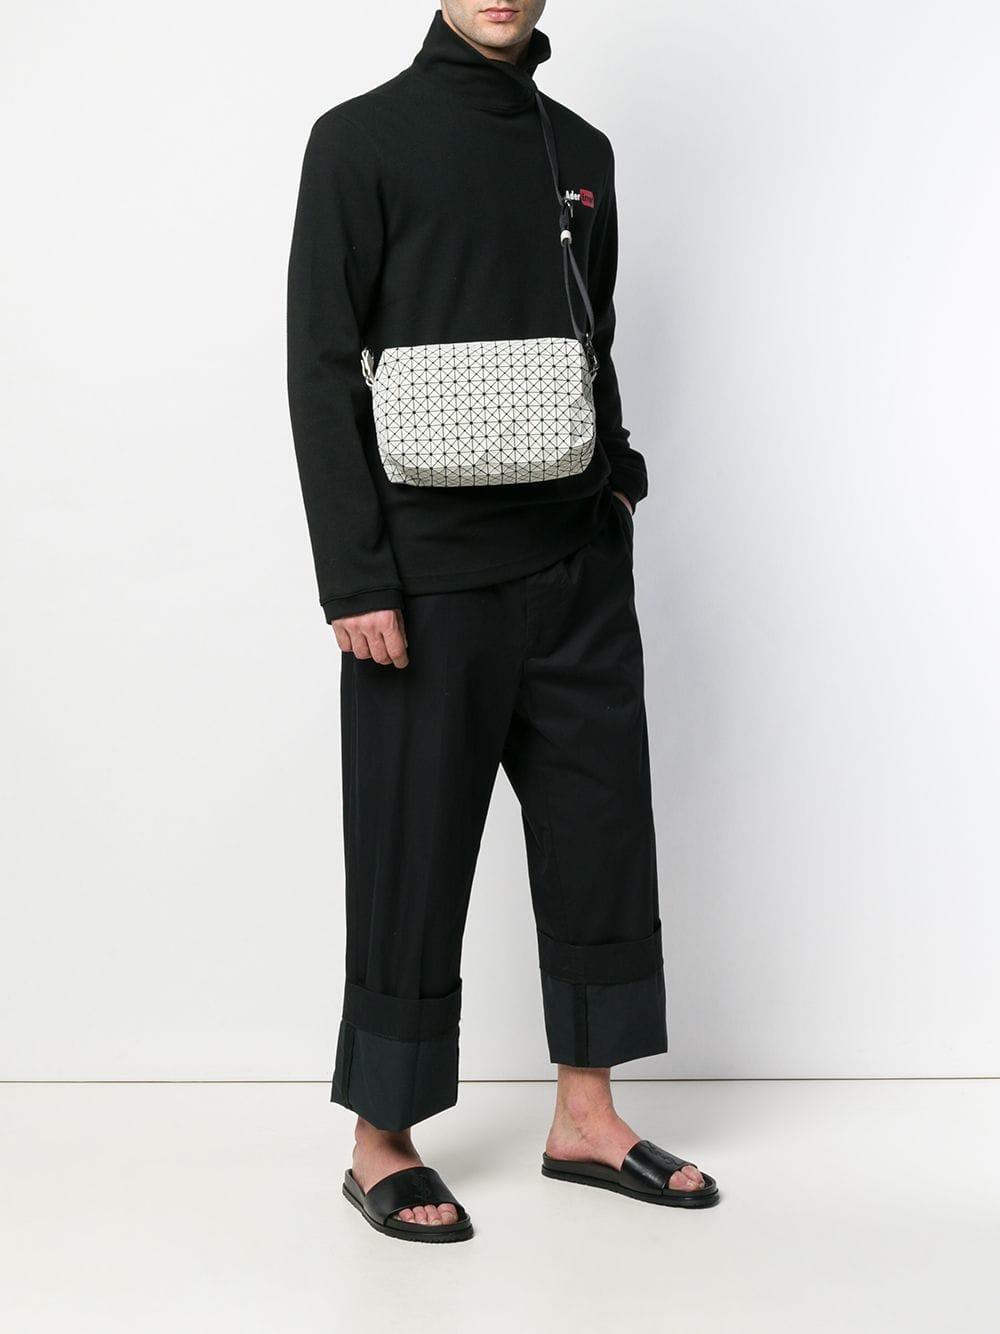 8748291225ae Bao Bao Issey Miyake - Multicolor Prism Shoulder Bag for Men - Lyst. View  fullscreen